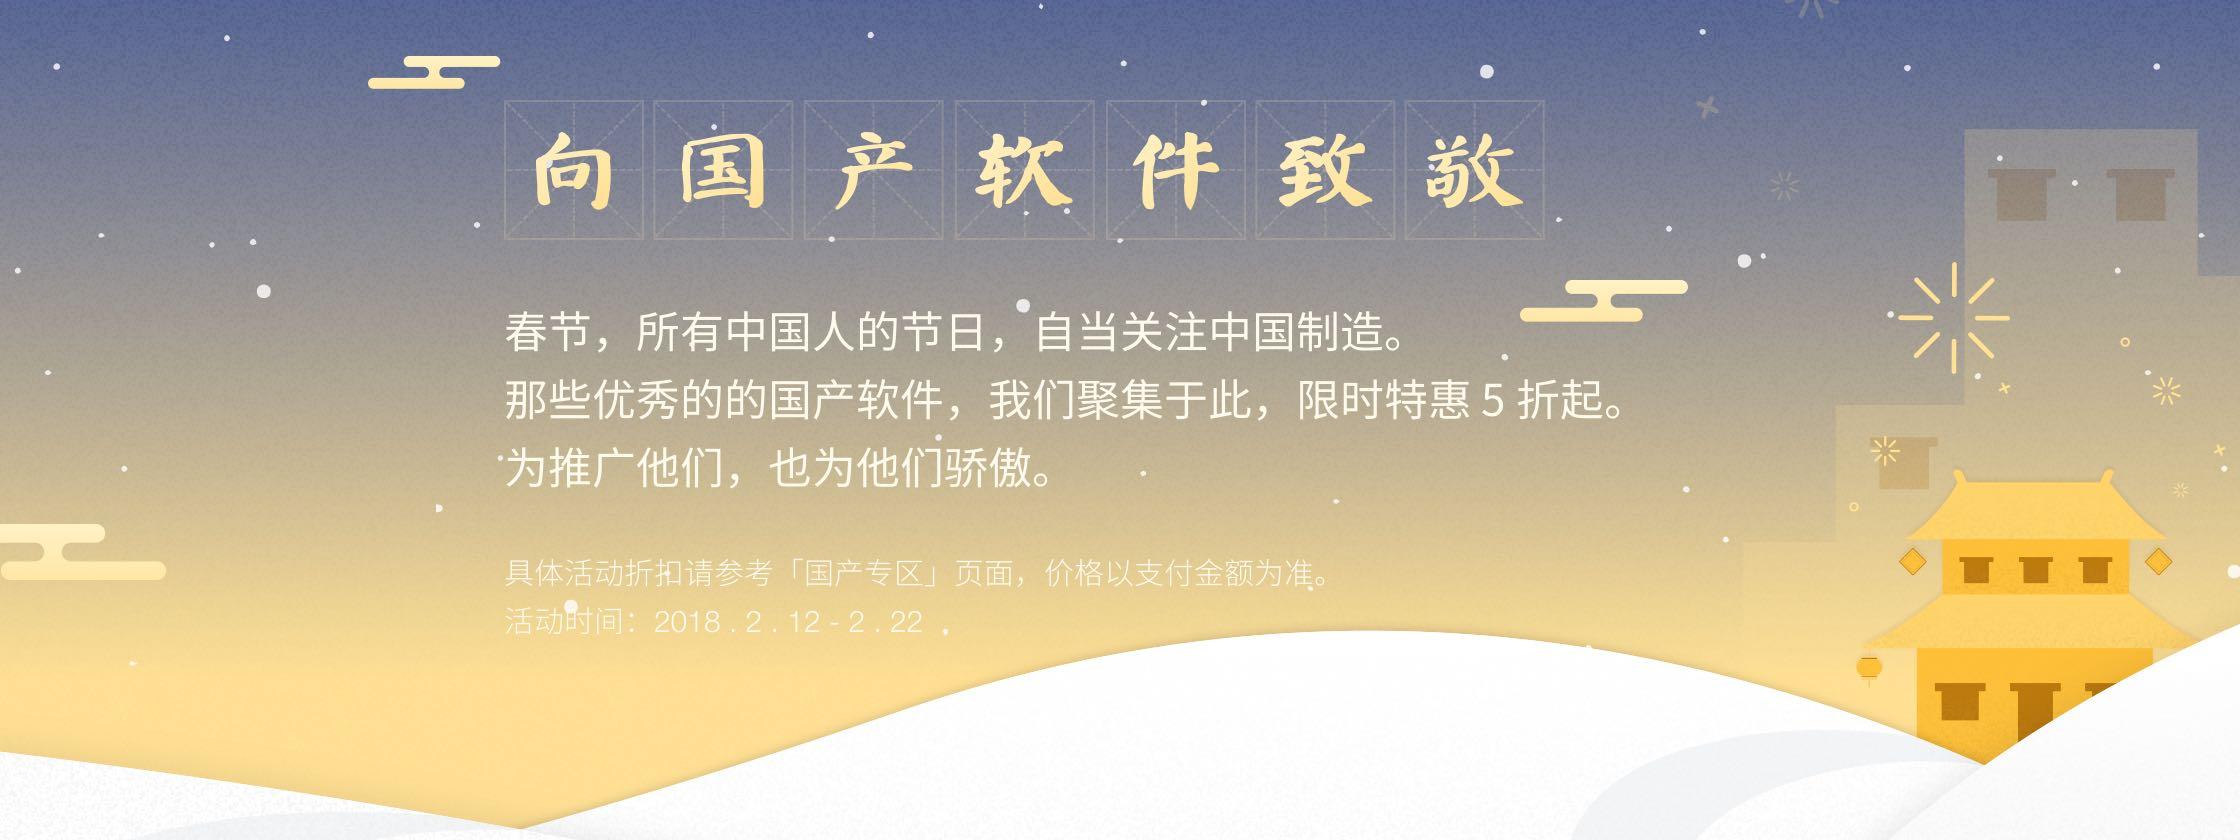 向国产软件致敬,「数码荔枝」正版软件新春特惠